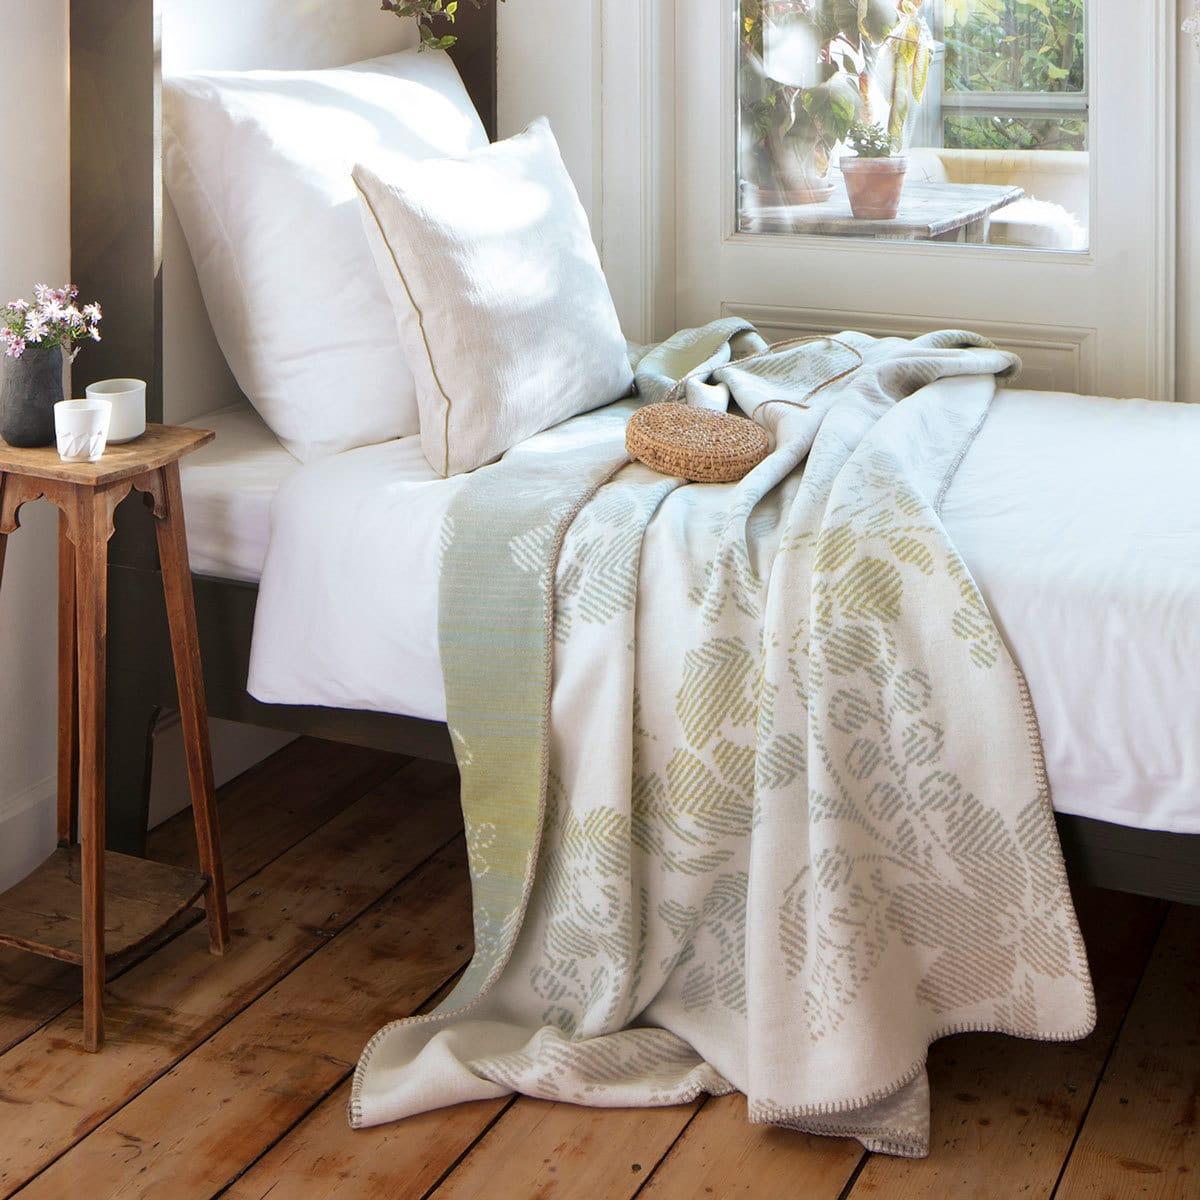 Biederlack Wohndecke Flower Bed